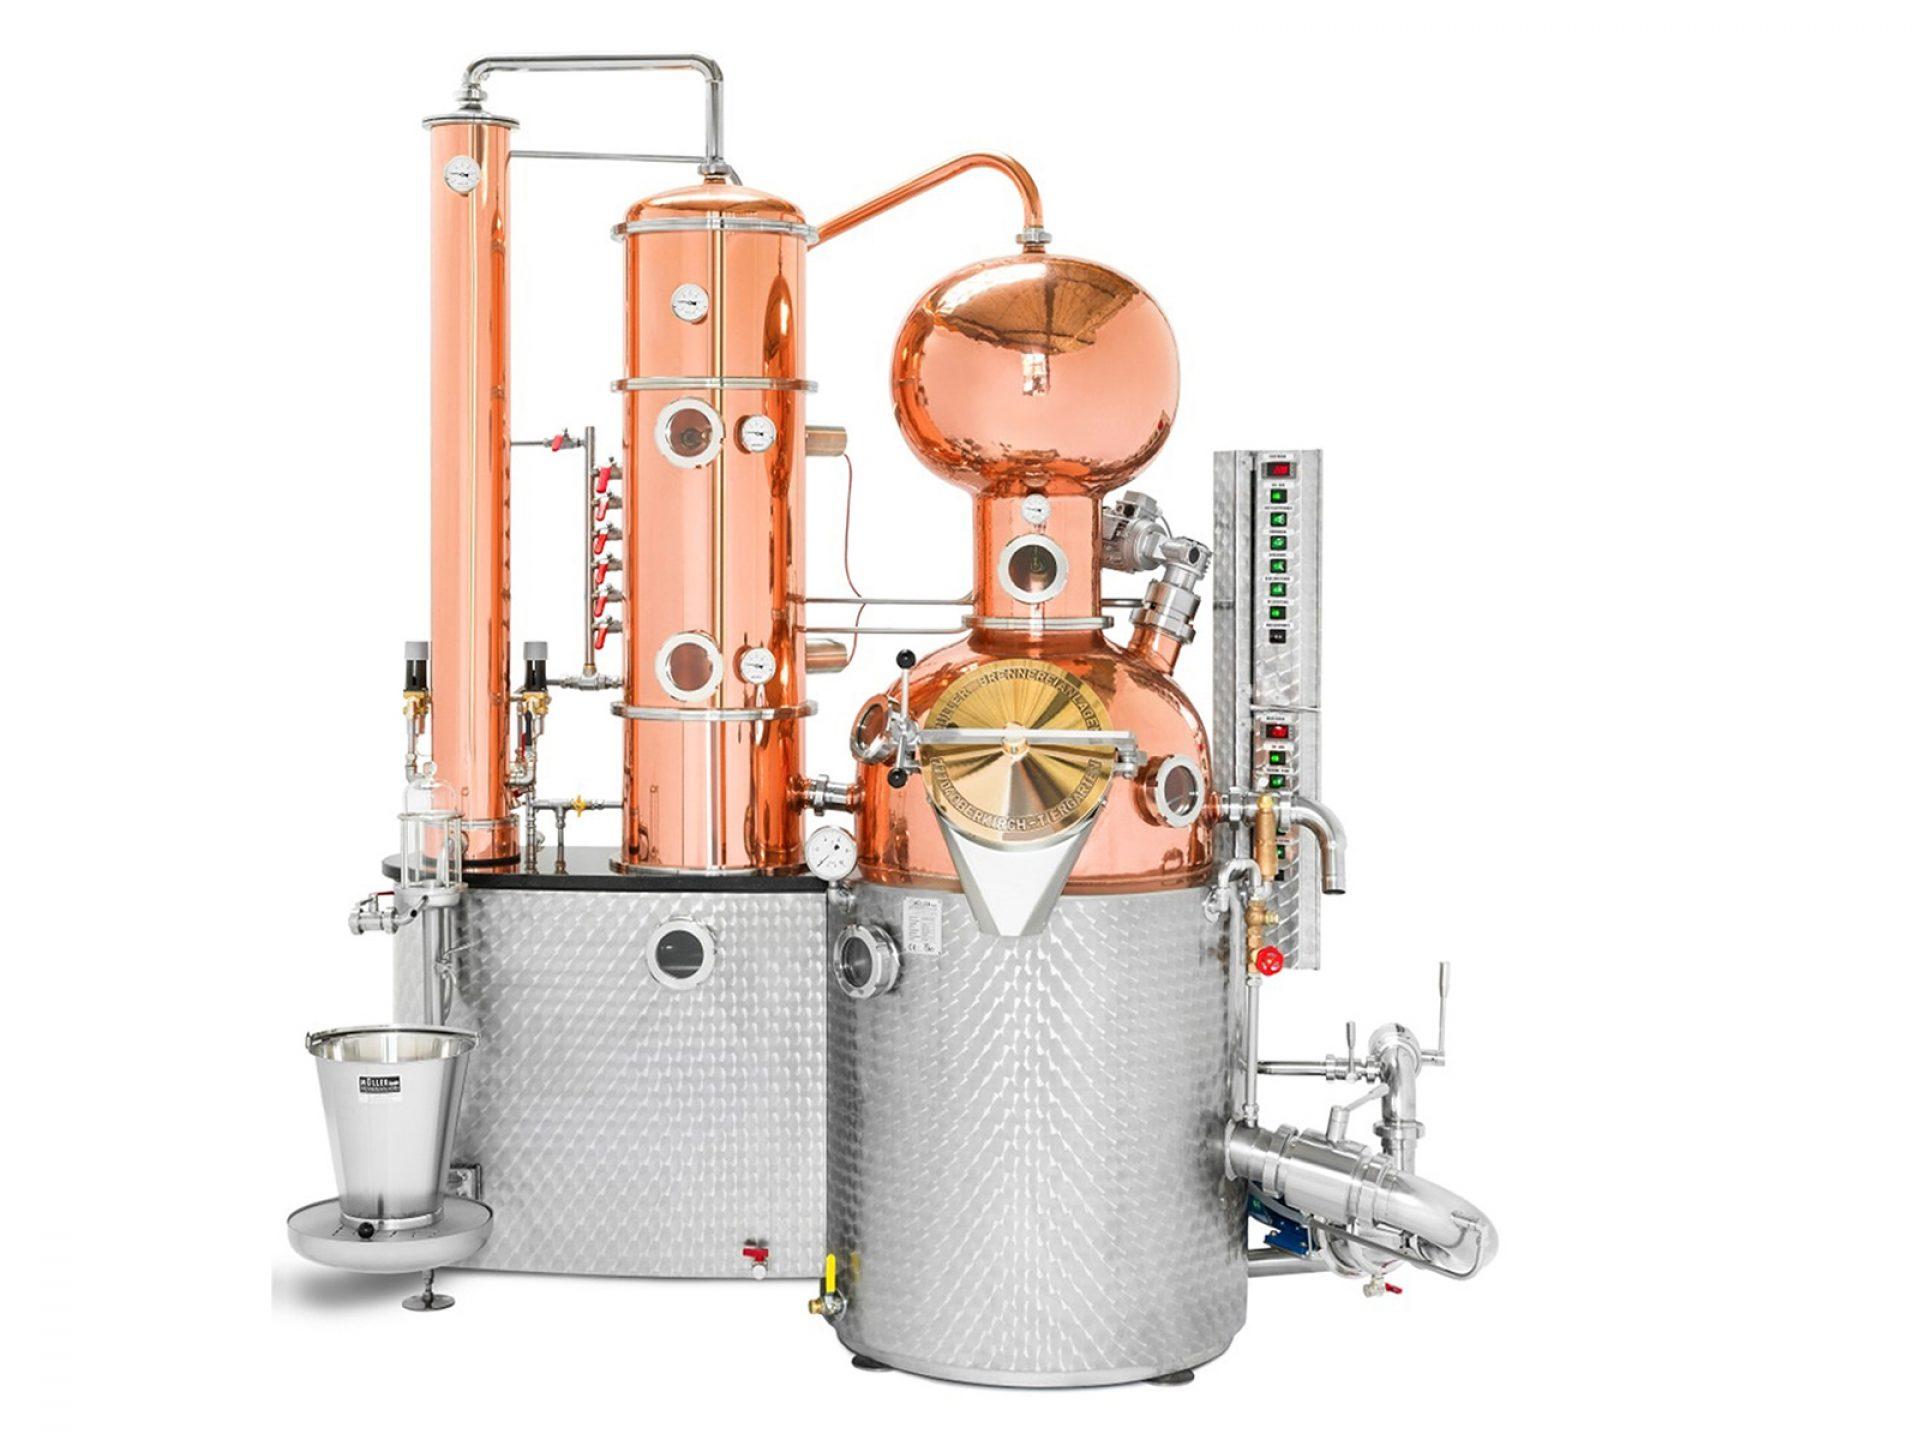 mueller-aromat-brennereianlage-destillieranlage-slide-02